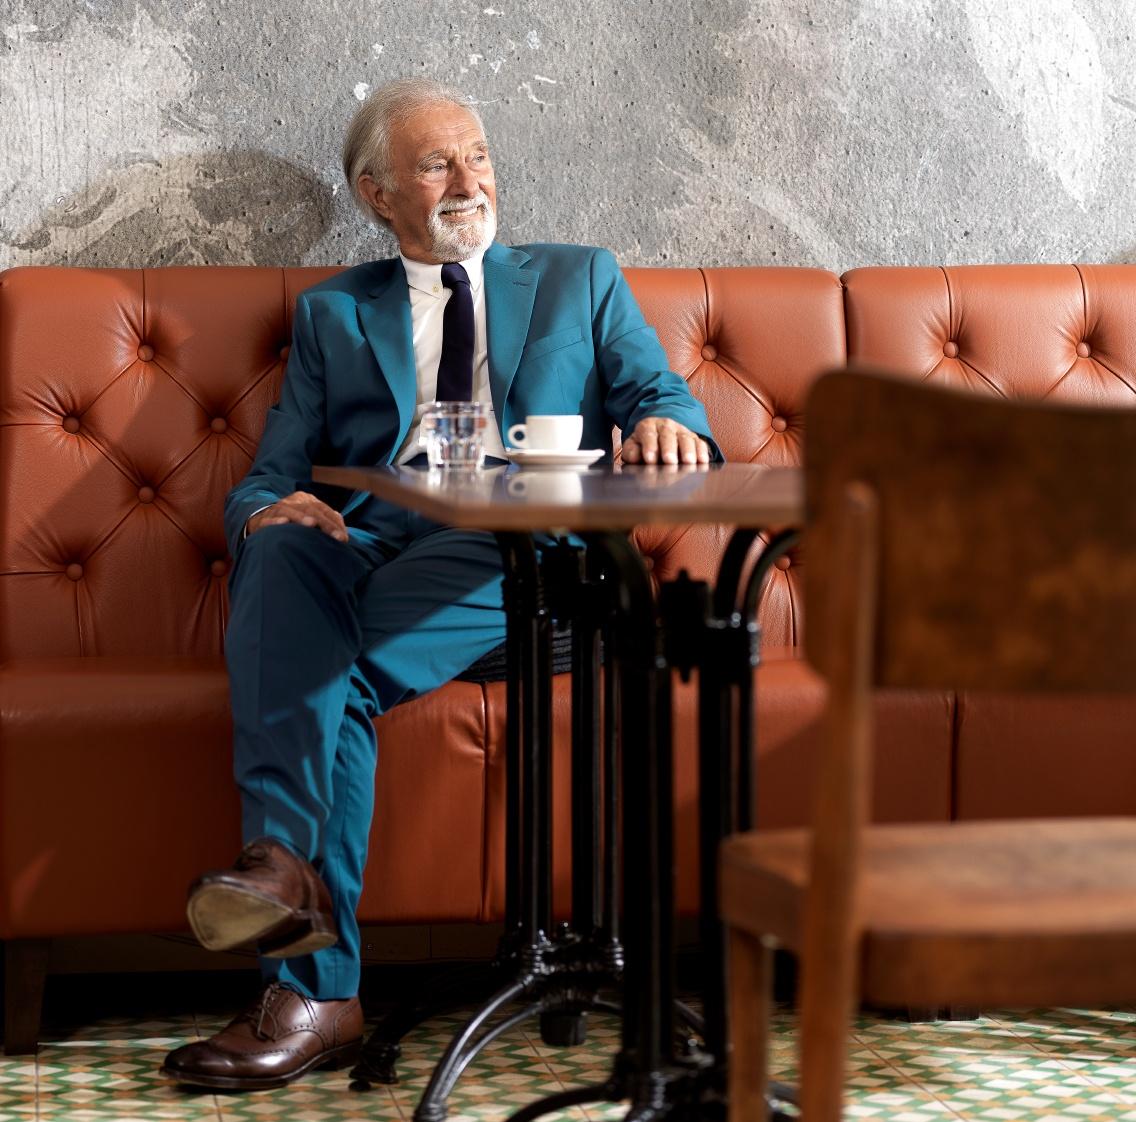 Herr ist gelassen am Kaffee trinken, Vorsorge ist geregelt